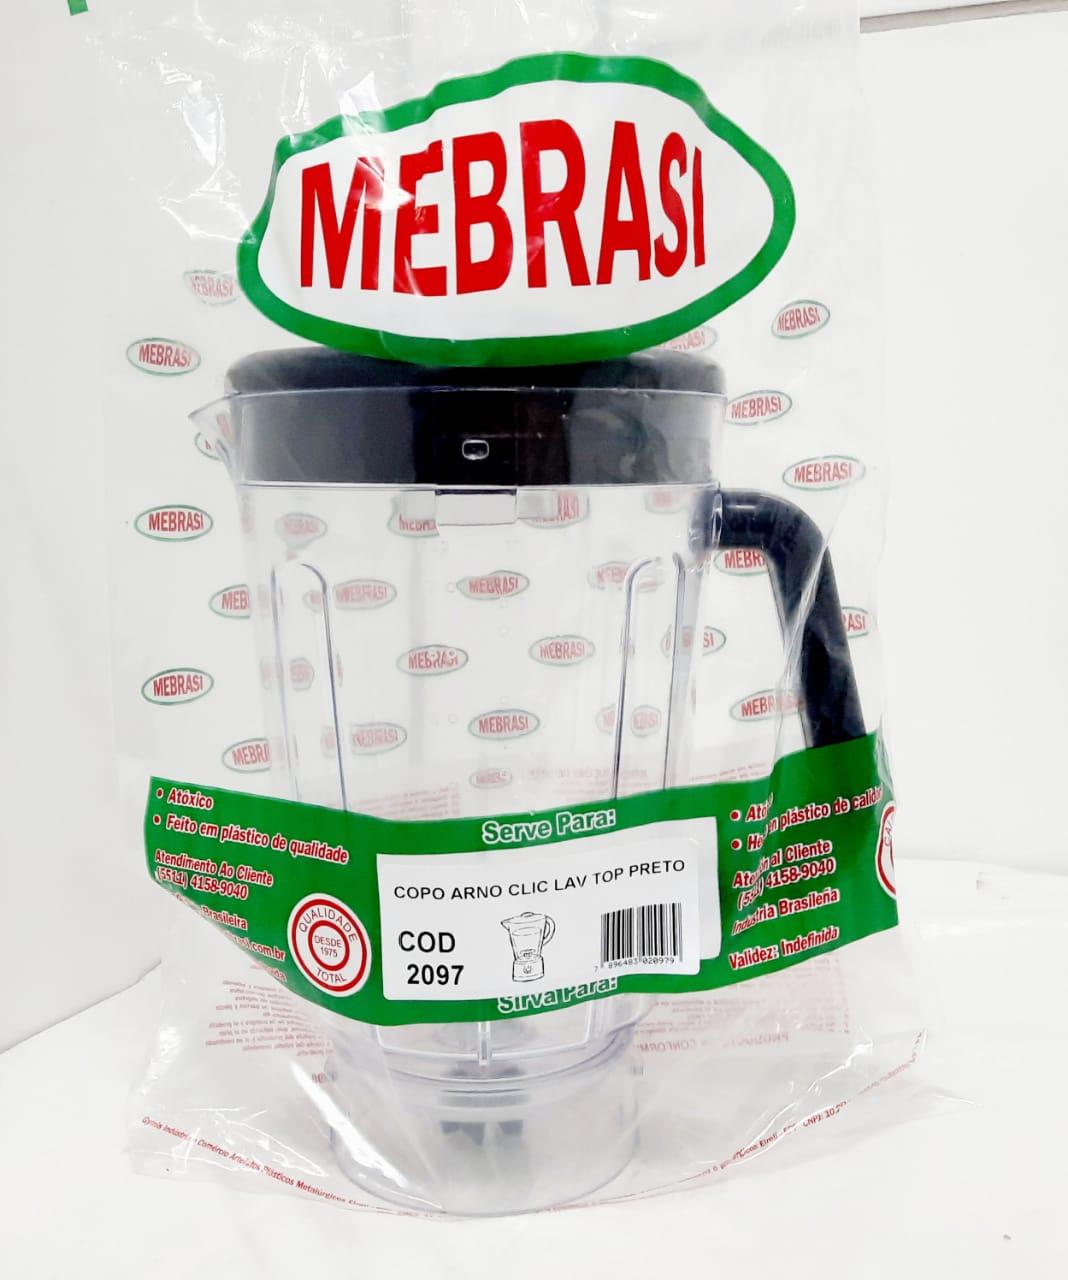 Copo Arno Cristal FU CLIC TOP - Mebrasi